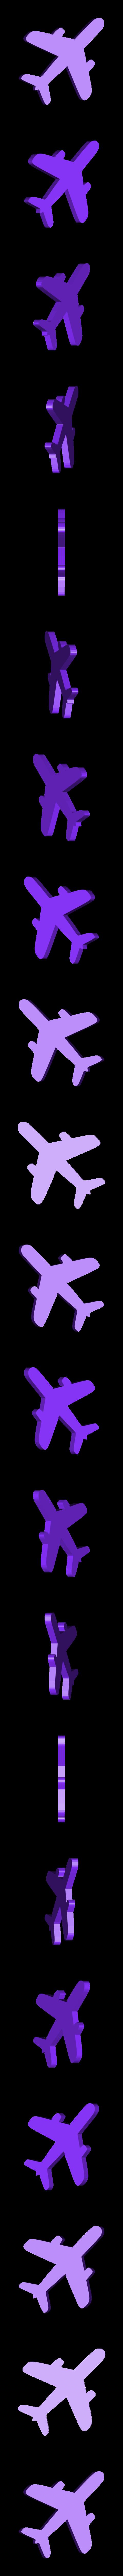 Avion 1.stl Télécharger fichier STL gratuit Porte-clés ou pendentif avion • Modèle à imprimer en 3D, Free-3D-Models